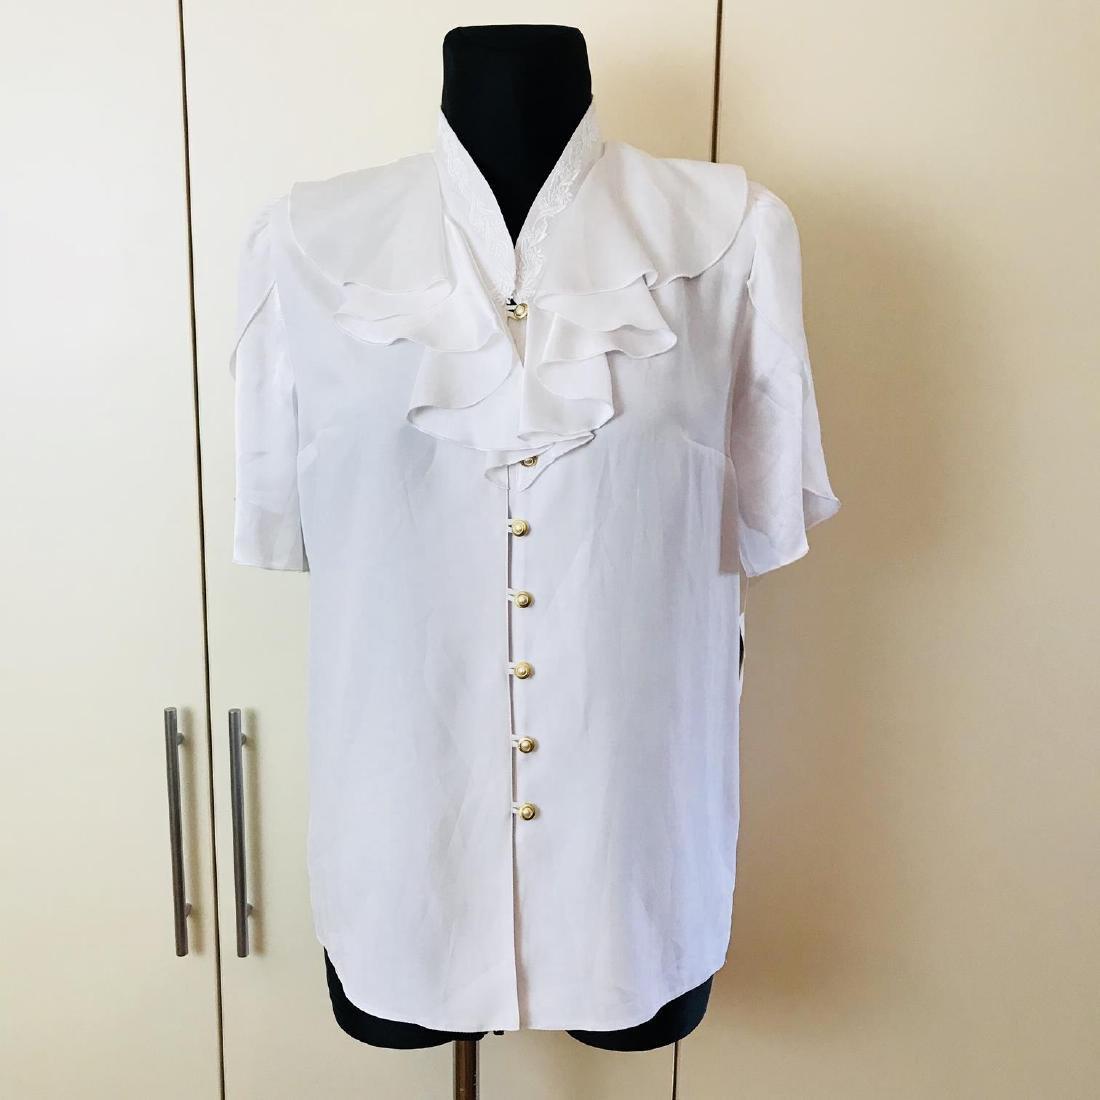 1960s Vintage Women's Blouse Shirt Top